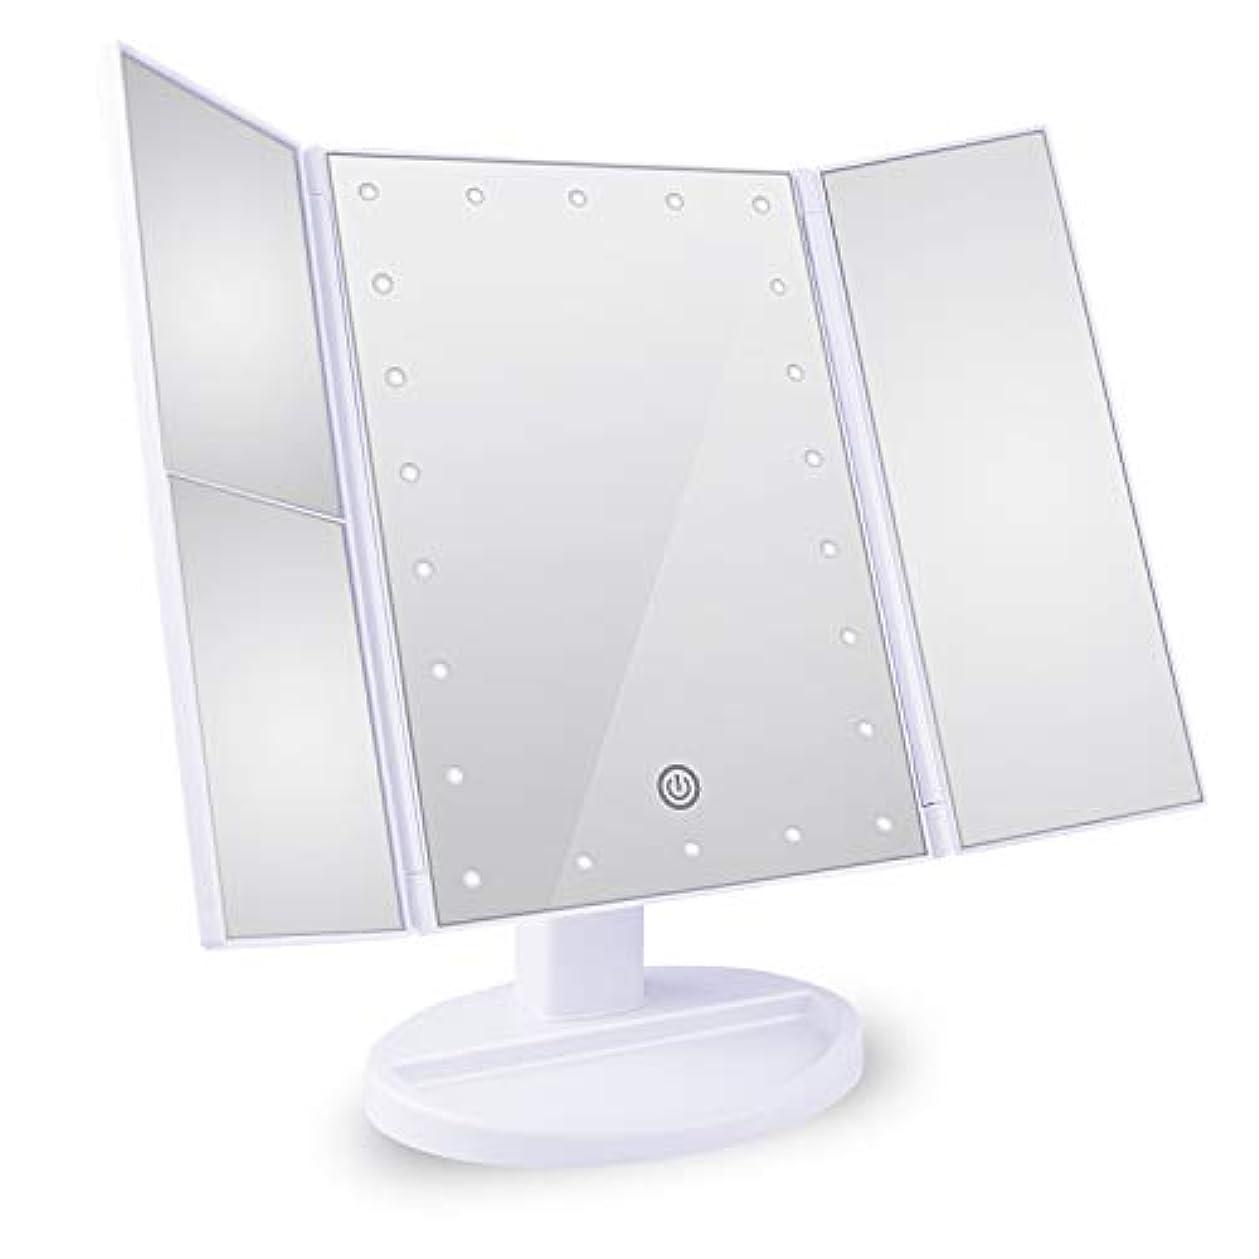 魔法維持する枯渇するTree. NB 化粧鏡 卓上鏡 拡大鏡 鏡 メイクミラー 2倍&3倍拡大可能 LEDライトミラー 明るさ調節可能 180°回転 電池&USB 2WAY給電